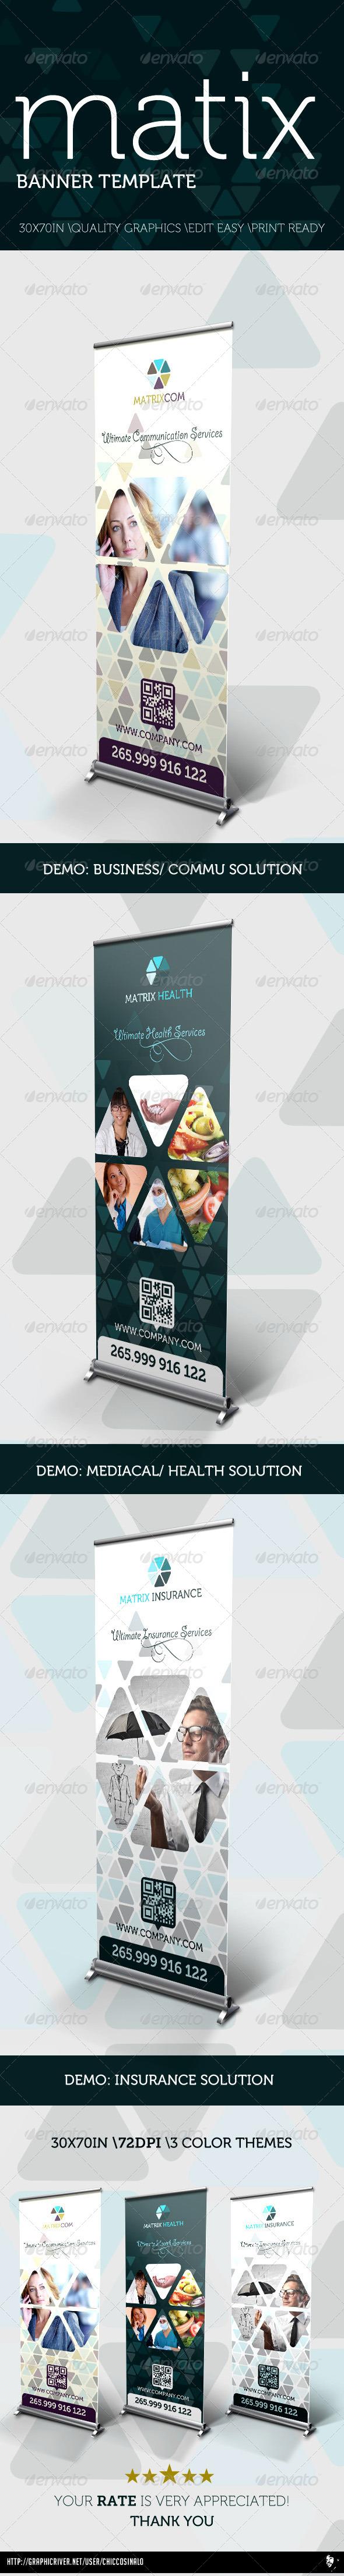 GraphicRiver Matrix Banner Template 4486104